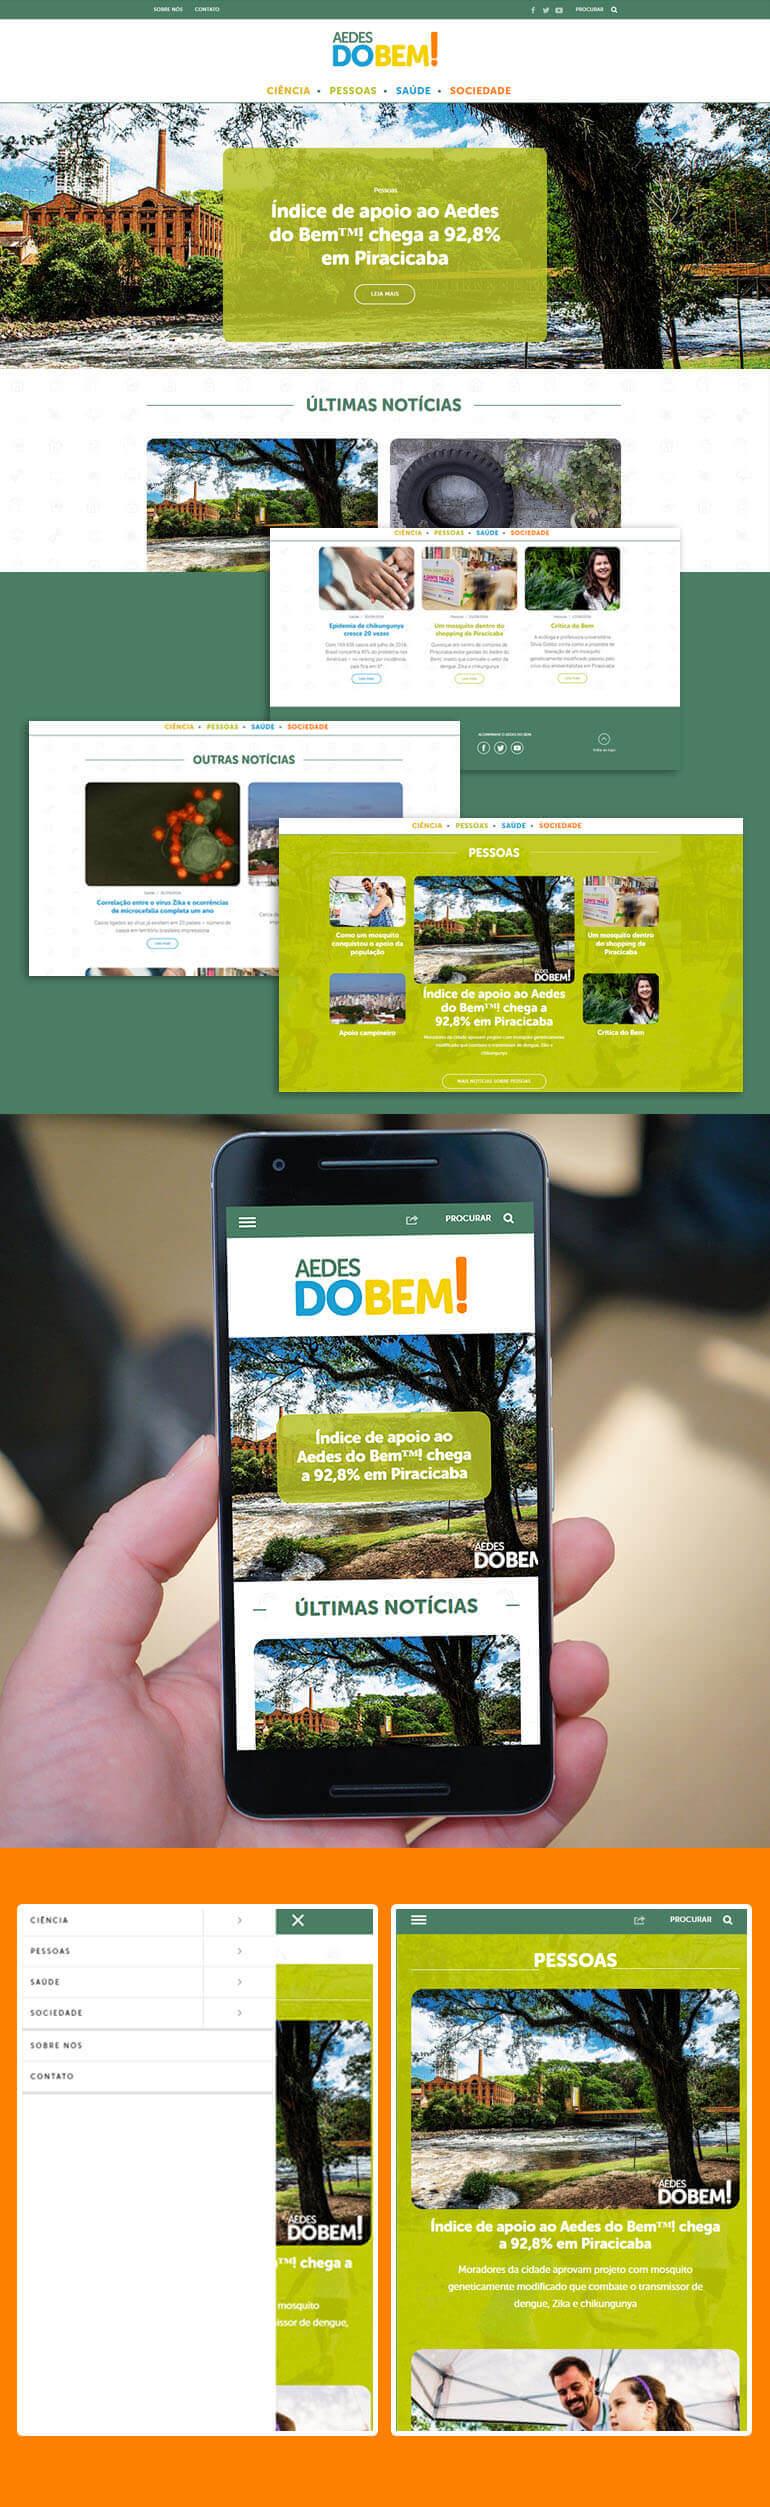 Página inicial do Aedes do Bem e versão responsiva para celulares